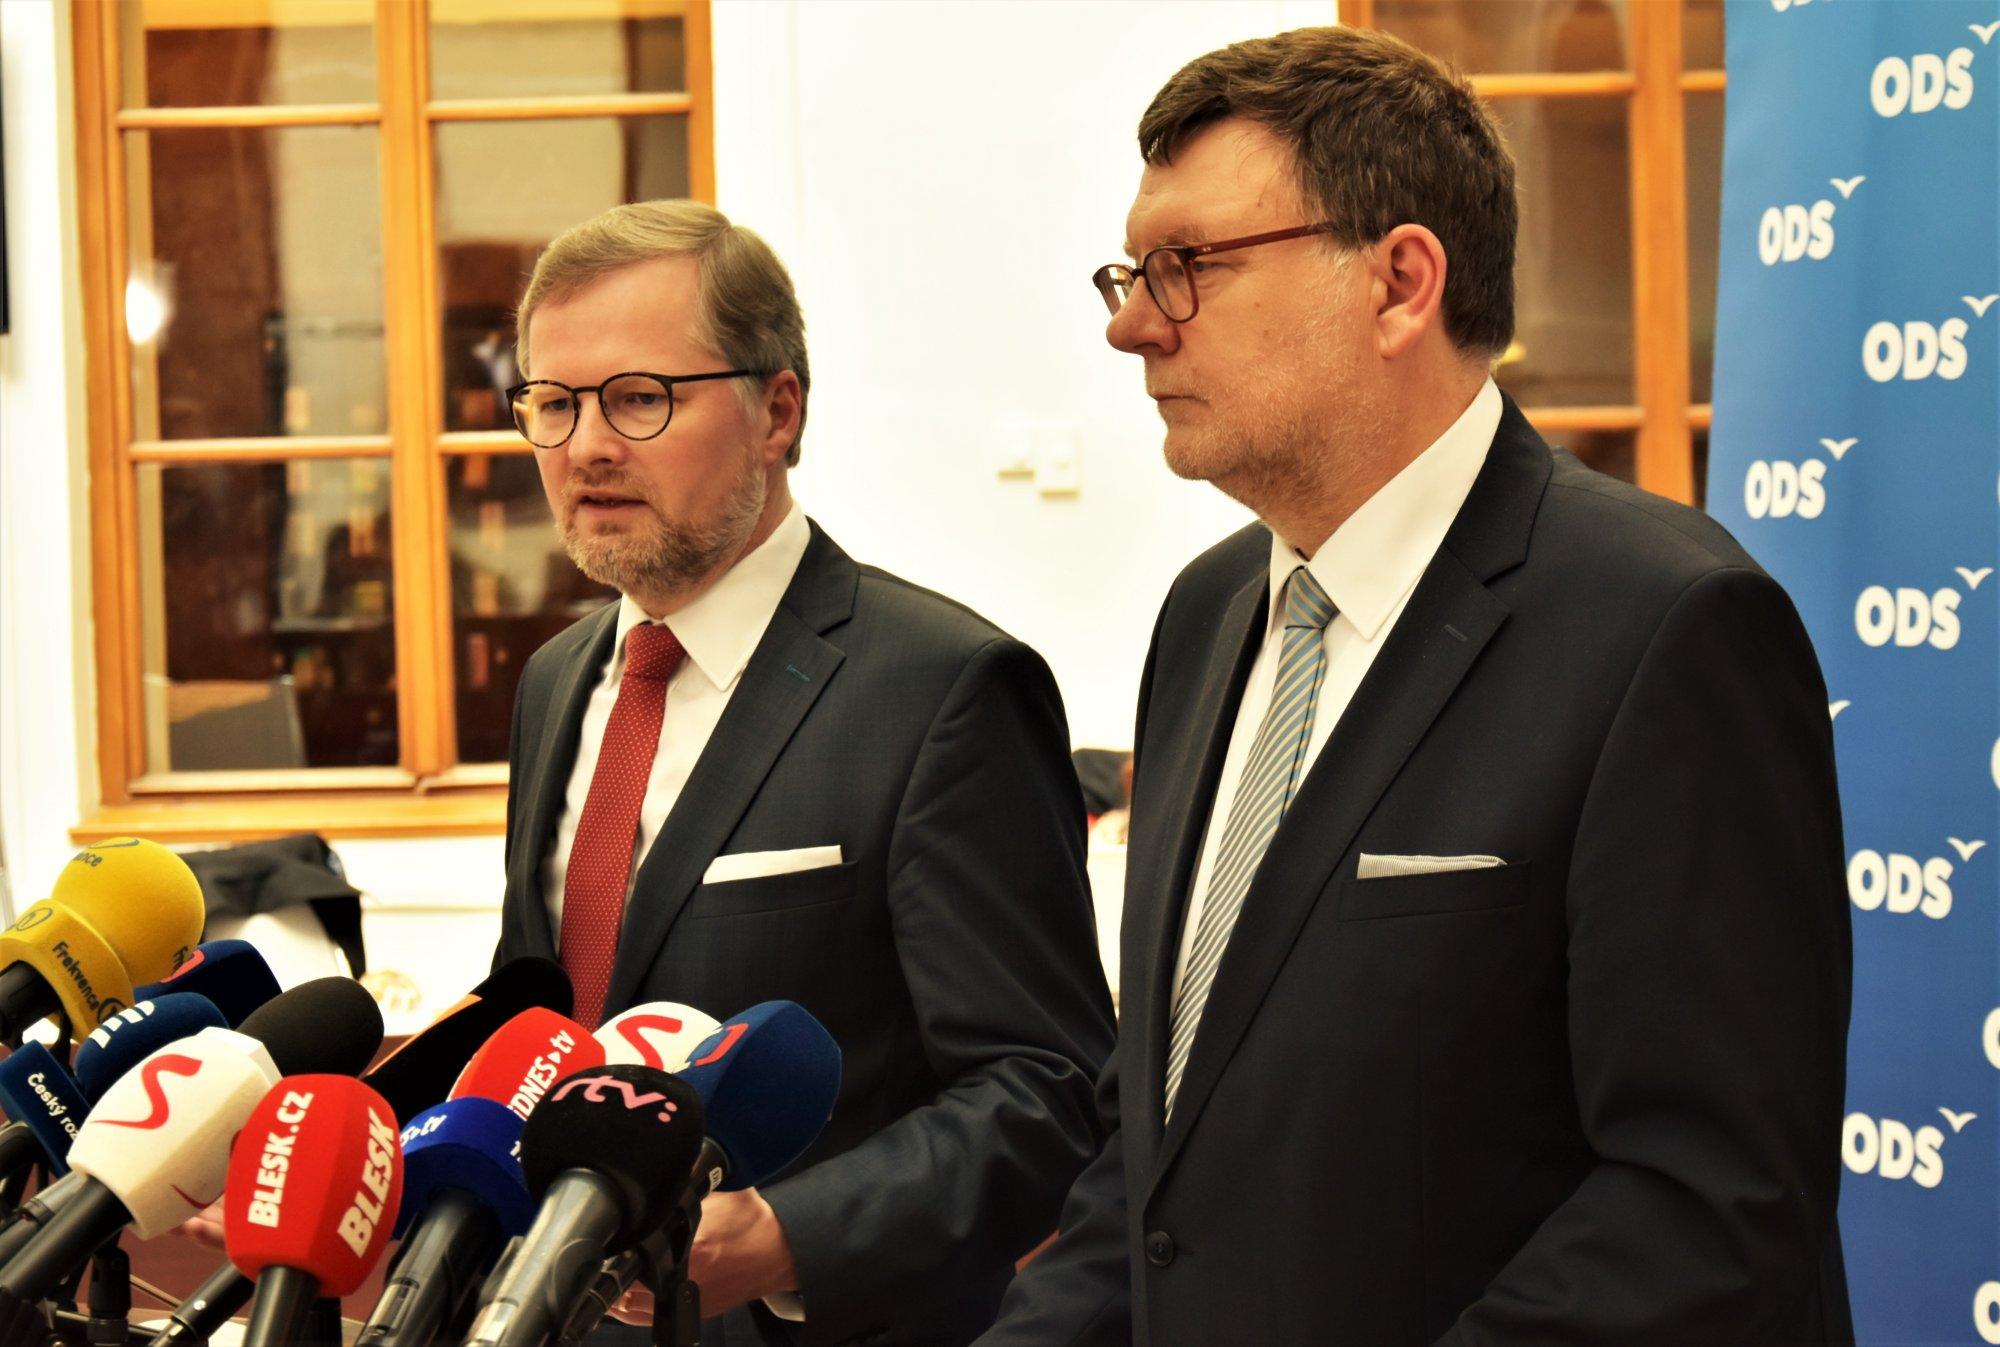 Petr Fiala: ANO zavedlo ČR do politické krize. Proto jsem požádal prezidenta Zemana o schůzku